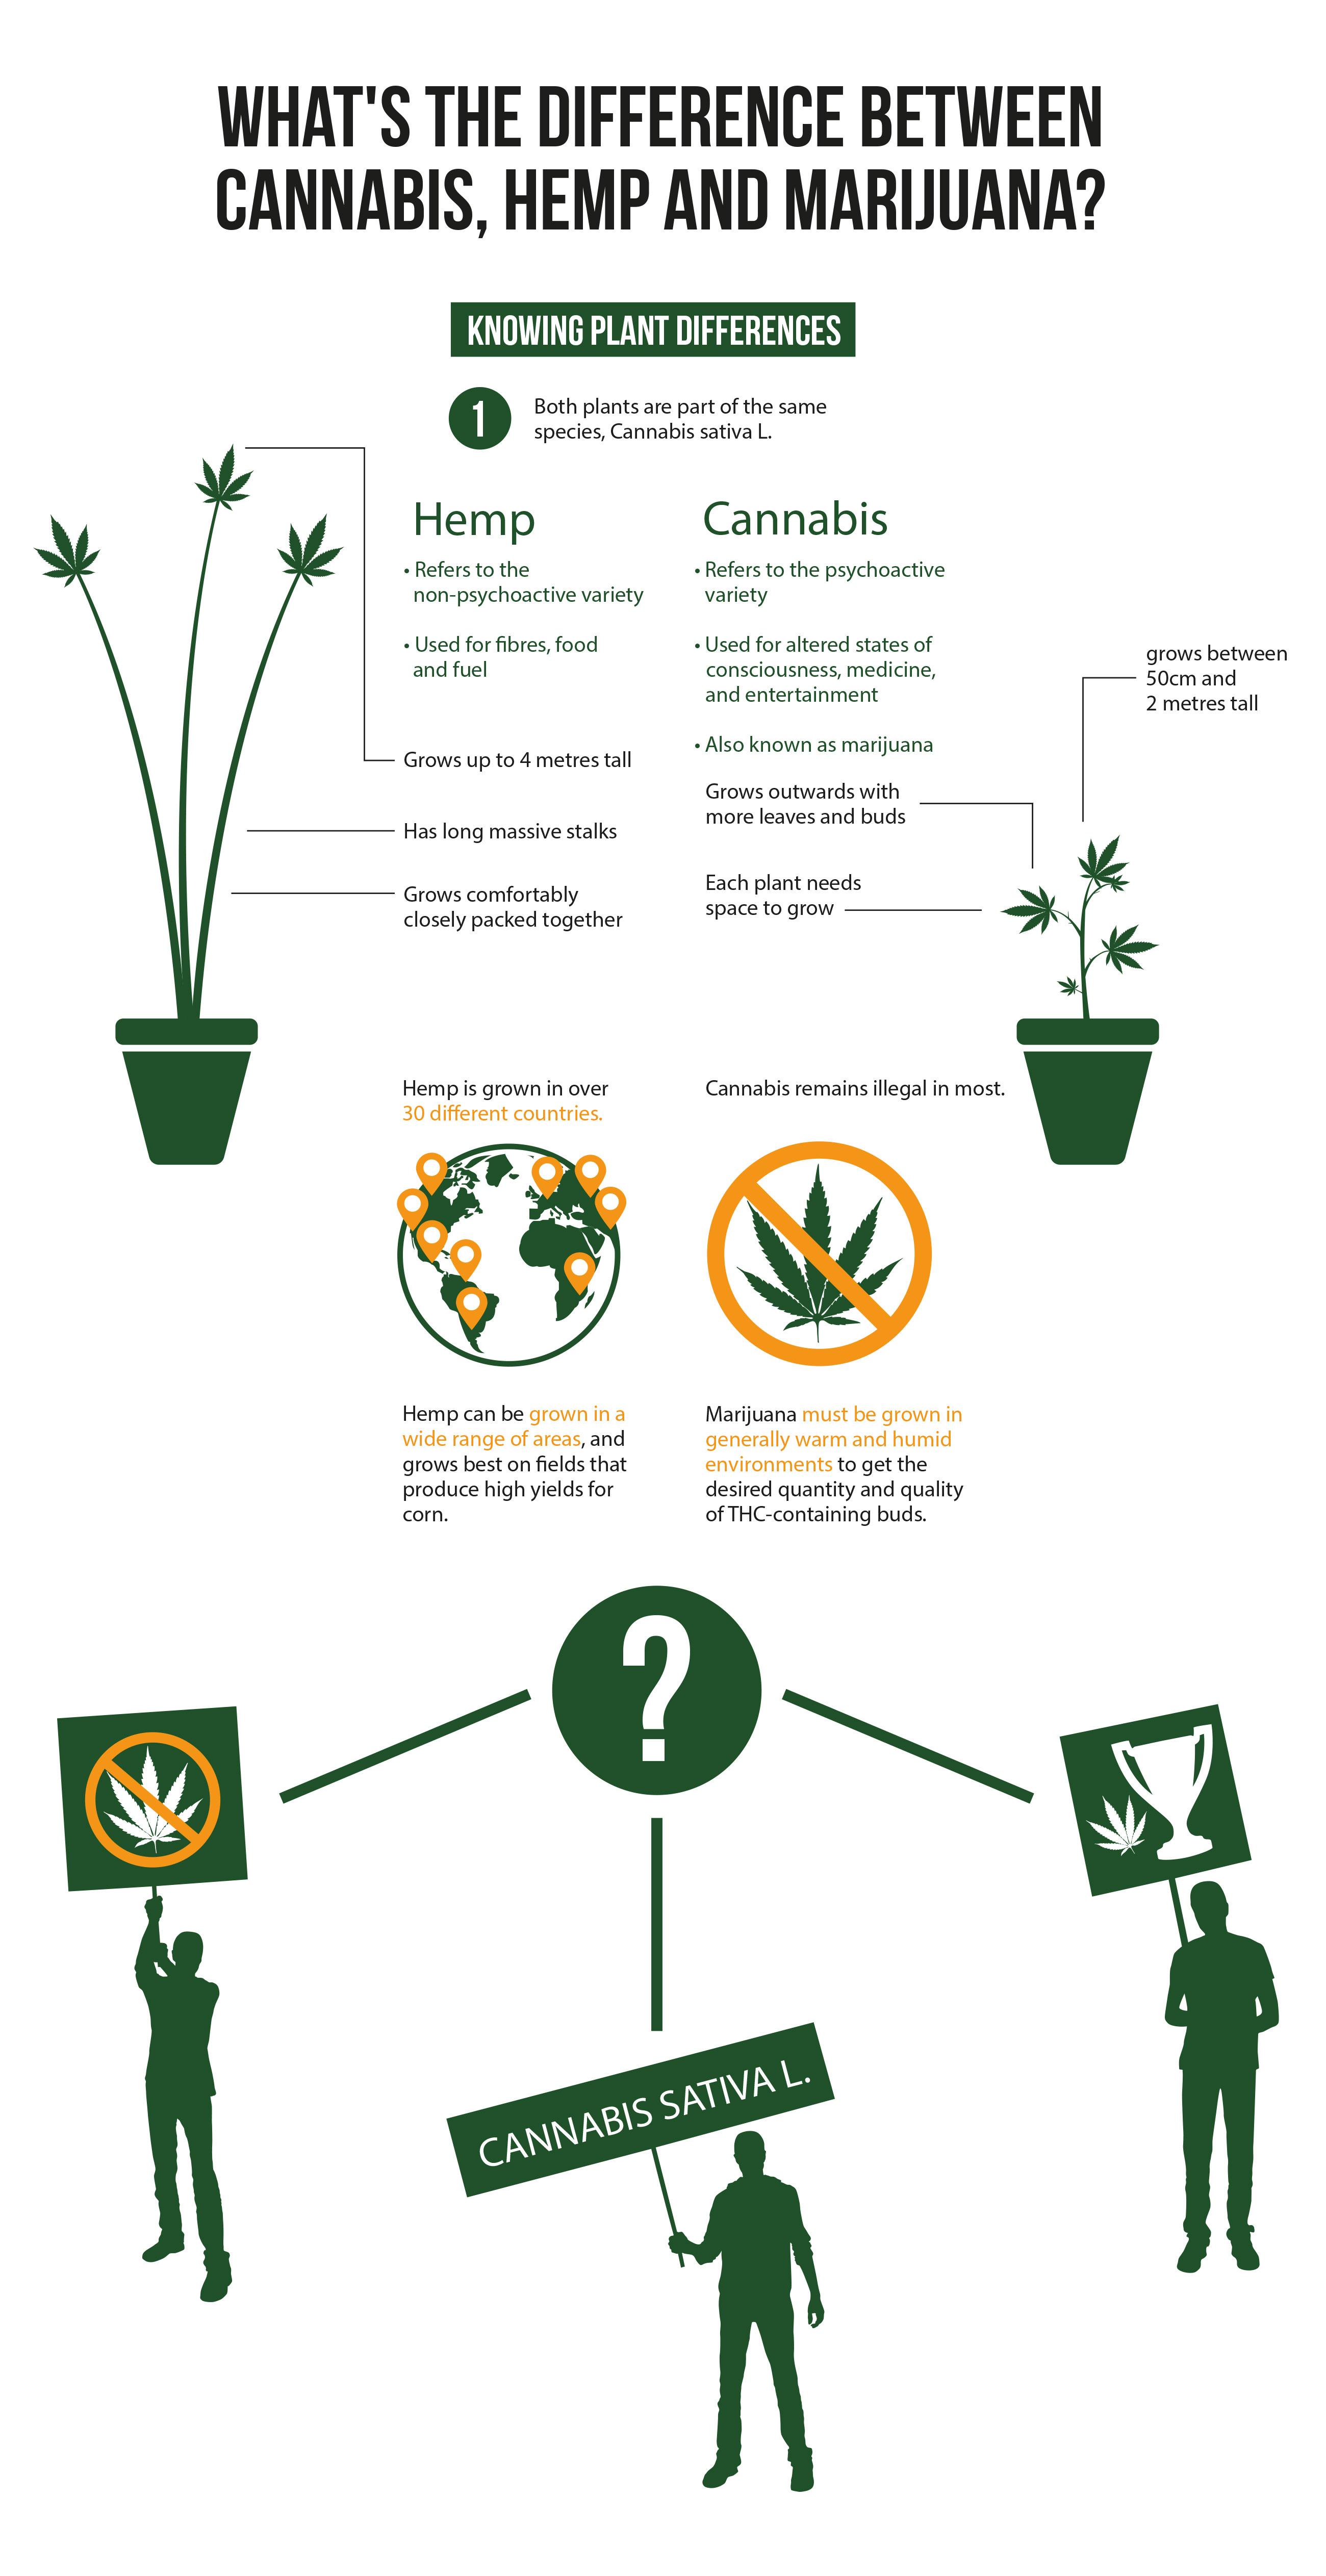 Infographie expliquant les différences entre les termes cannabis, chanvre et marijuana. Une illustration simple tout en vert montre une plante de chanvre, à gauche. Une liste énumère les caractéristiques de la plante de chanvre et des lignes les relient à l'illustration. A droite, une toute petite illustration en vert d'une plante de cannabis en pot. Elle est aussi accompagnée d'information concernant la plante. Au centre de l'infographie on aperçoit l'image d'un globe avec des cartes orangées montrant les différents pays où le chanvre est cultivé. A droite du globe, une image d'une feuille de cannabis sous un signe d'interdiction orange. Au-dessus de la feuille on peut lire « Cannabis remains illegal in most » (cannabis demeure illégal dans la plupart des pays). Sous l'image se trouve un point d'interrogation en espace négatif dans un cercle vert. Trois lignes partent du point d'interrogation et pointent vers la gauche, le centre et la droite. On aperçoit trois silhouettes qui portent différents signes : une affiche anti cannabis, le terme cannabis sativa L. et une feuille de cannabis derrière un trophée.